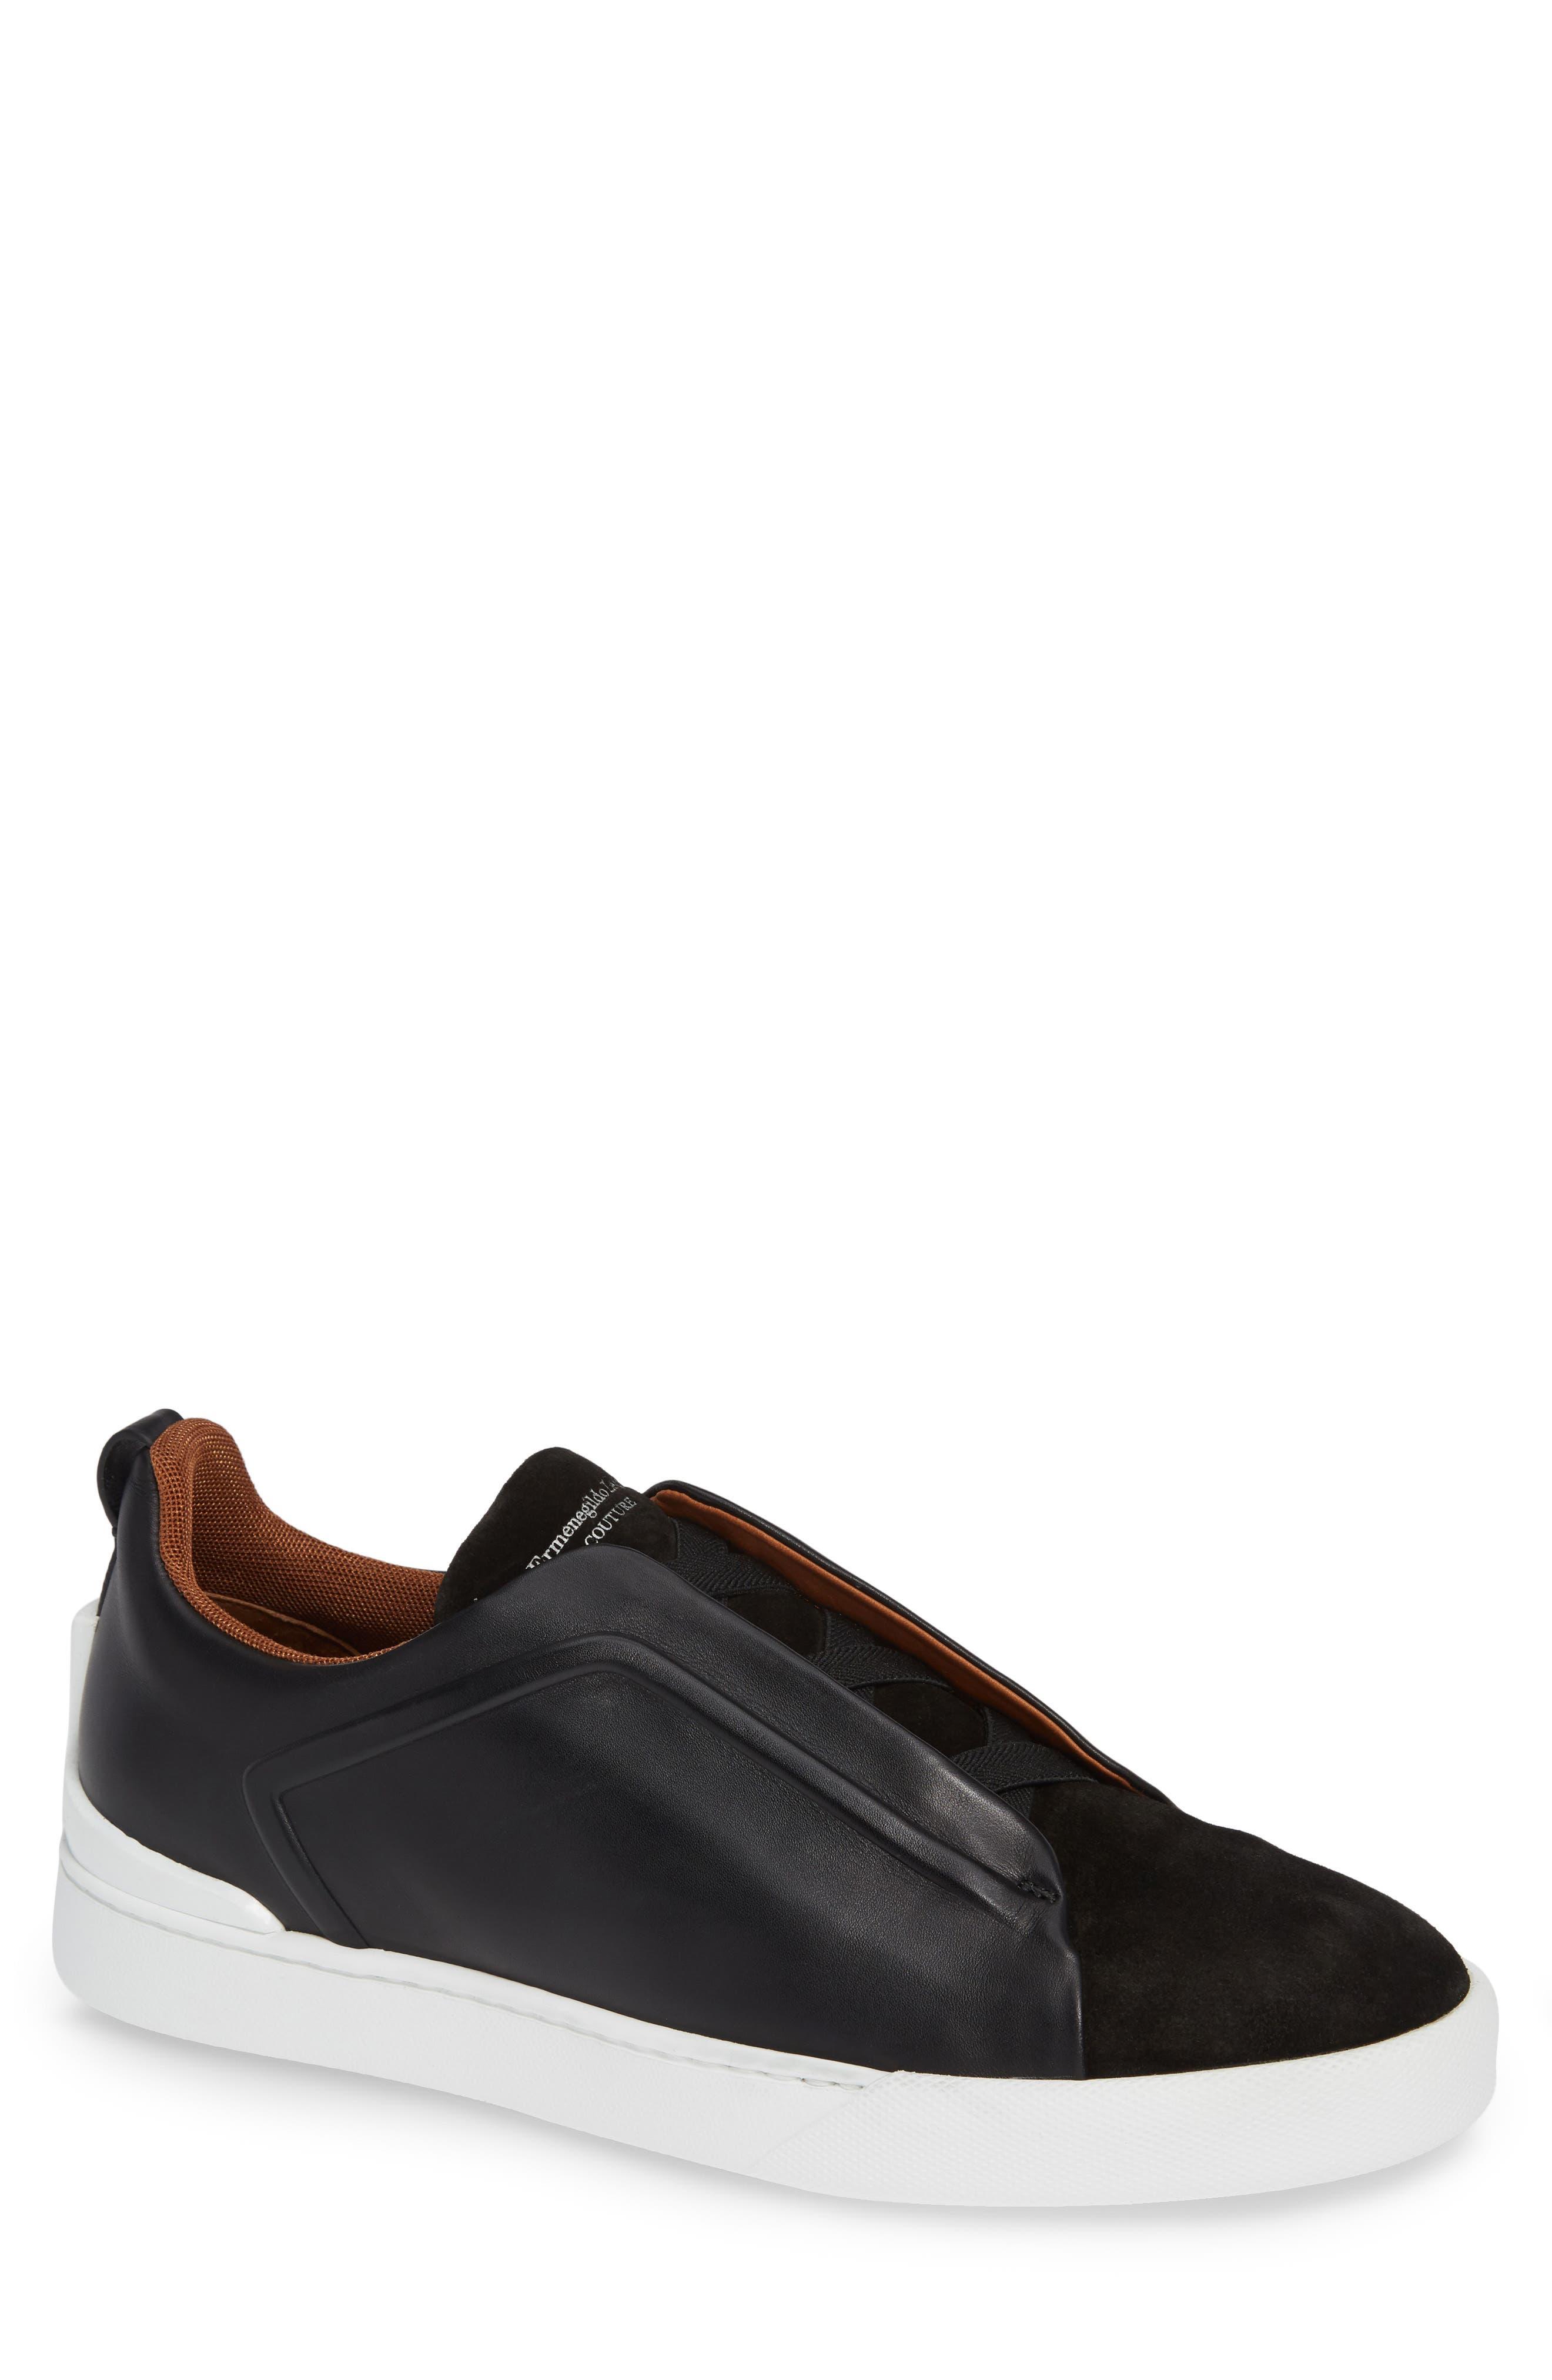 ERMENEGILDO ZEGNA, Slip-On Sneaker, Main thumbnail 1, color, BLACK